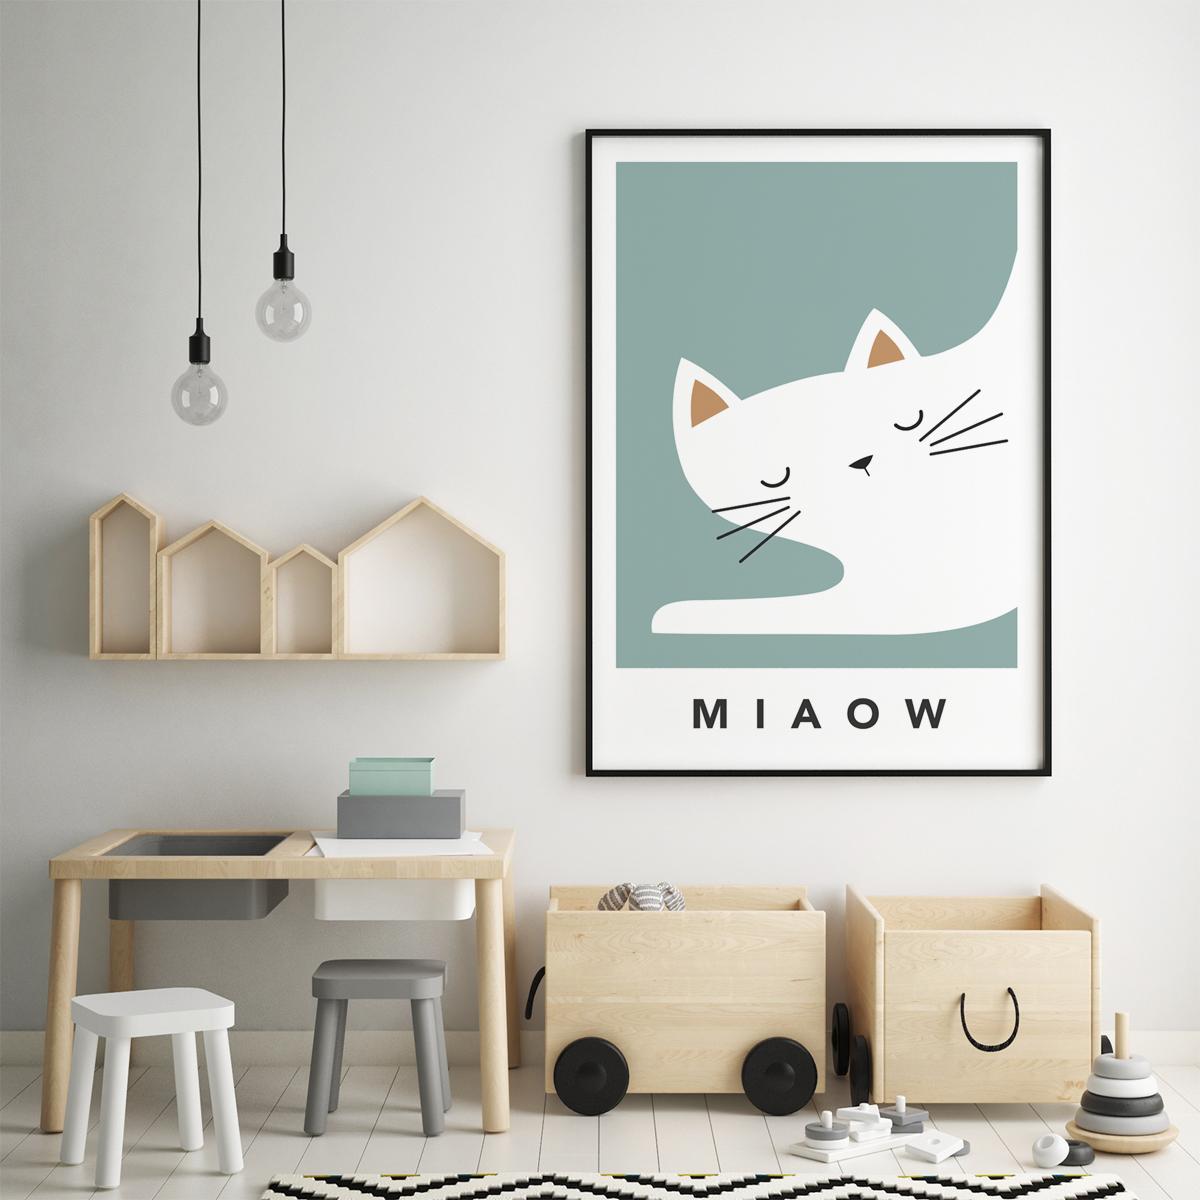 white cat sleepy framed teal